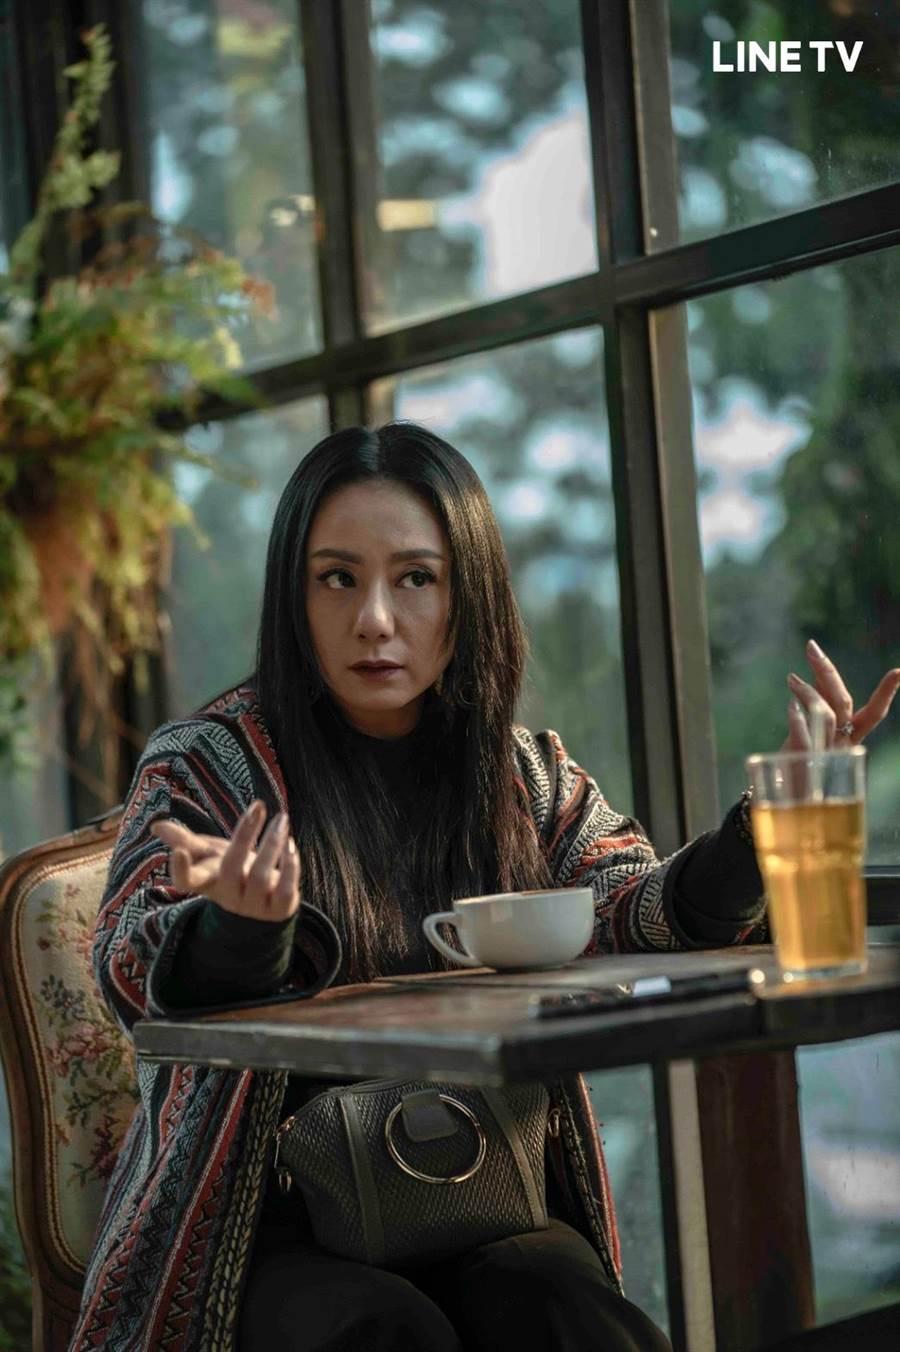 高慧君在《黑喵知情》飾演寵物溝通大師。(LINE TV提供)